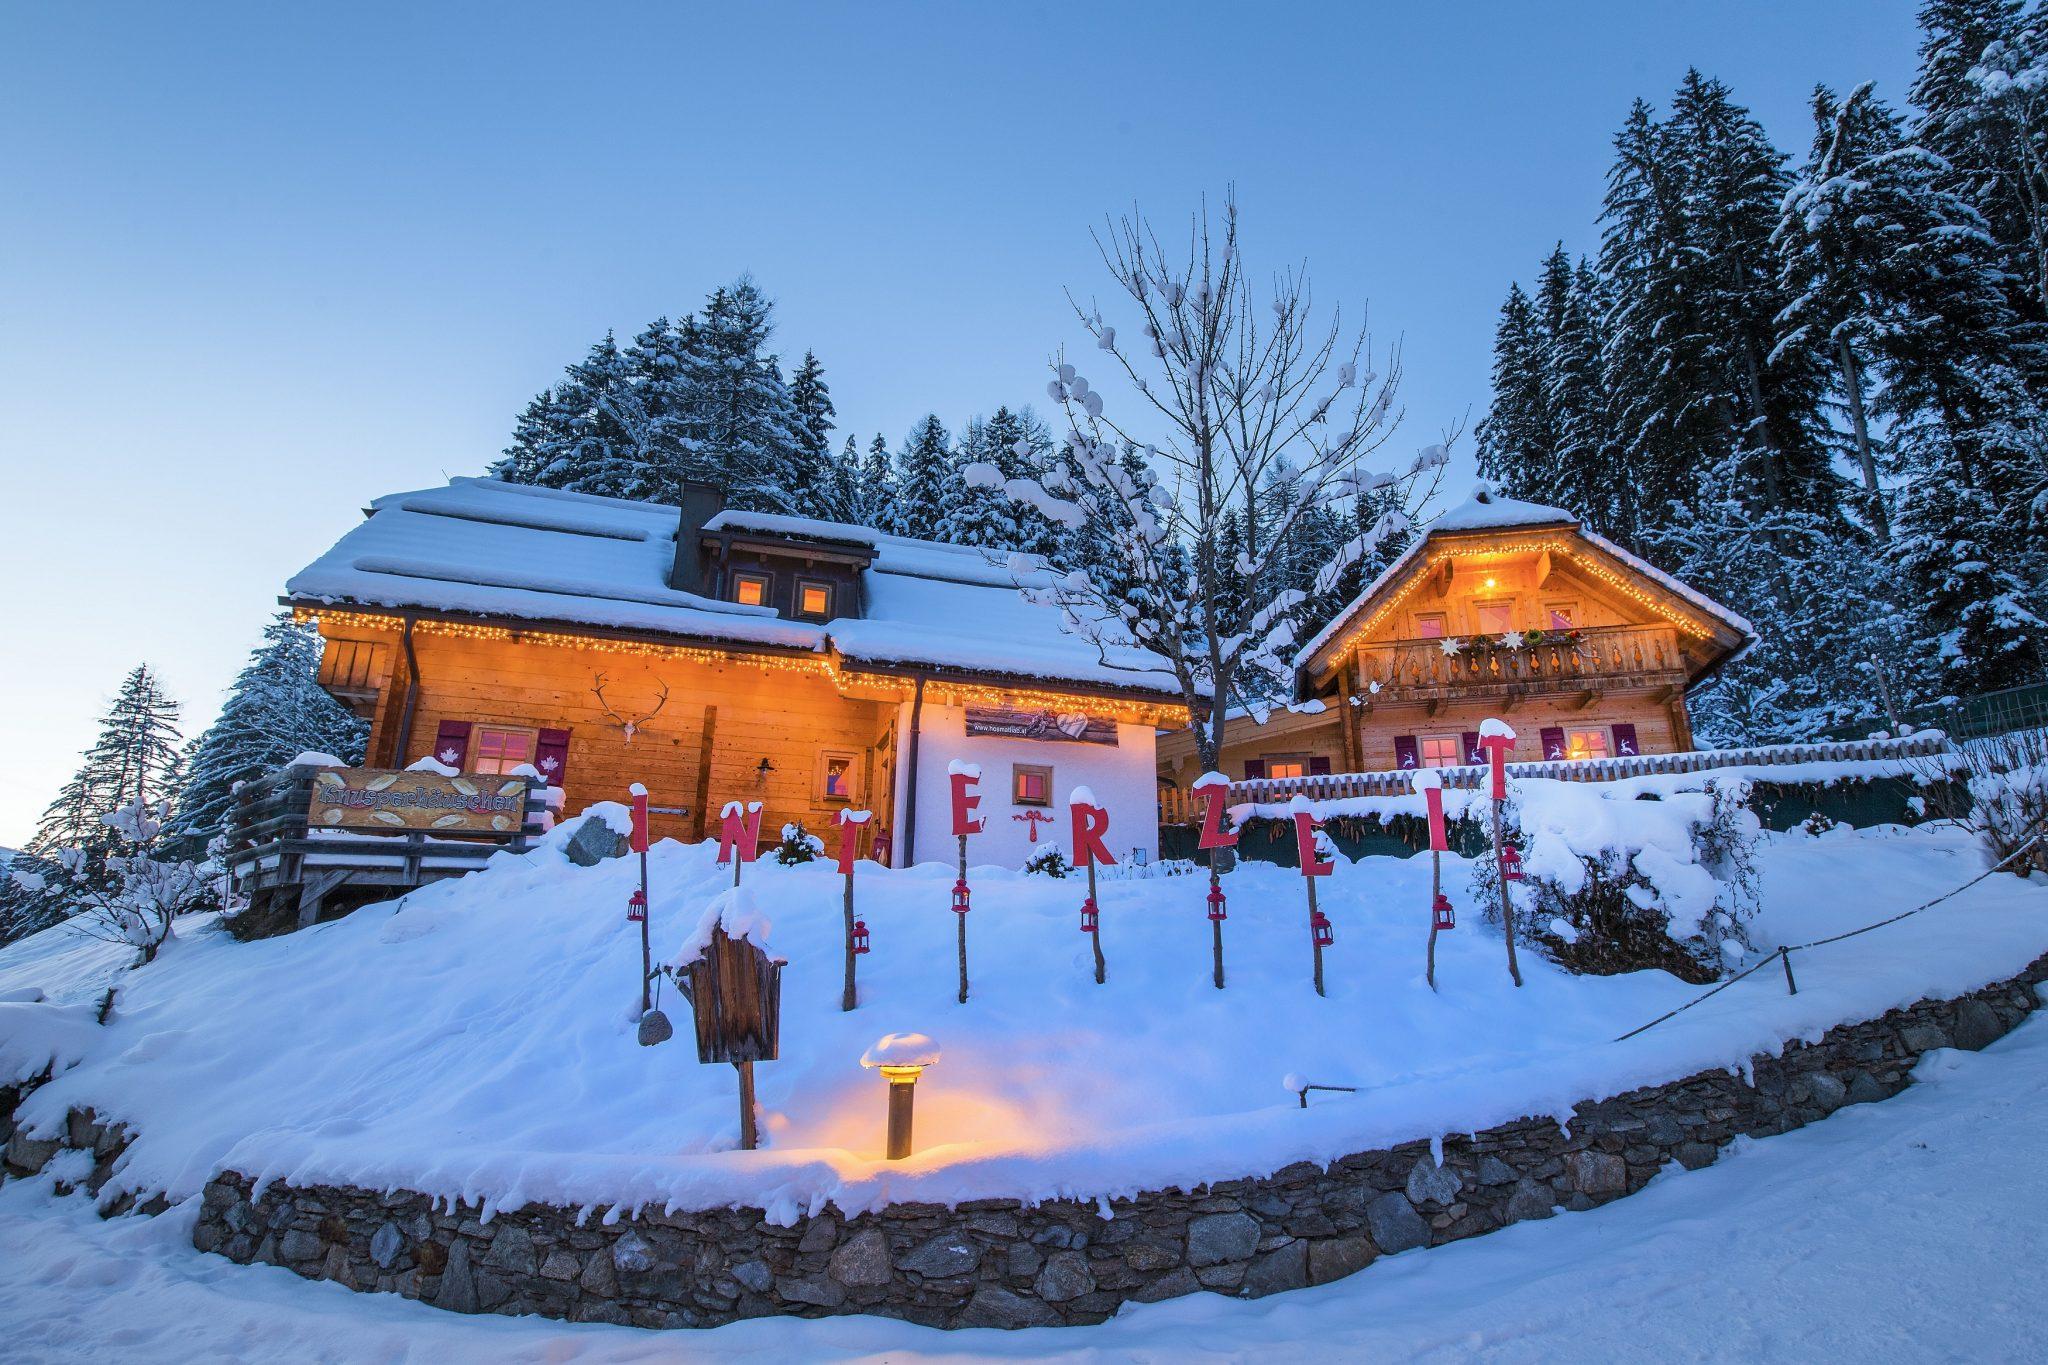 winterzeit_im_naturdorf_oberkuehnreit_c_franz_reifmueller_naturdorf_oberkuehnreit